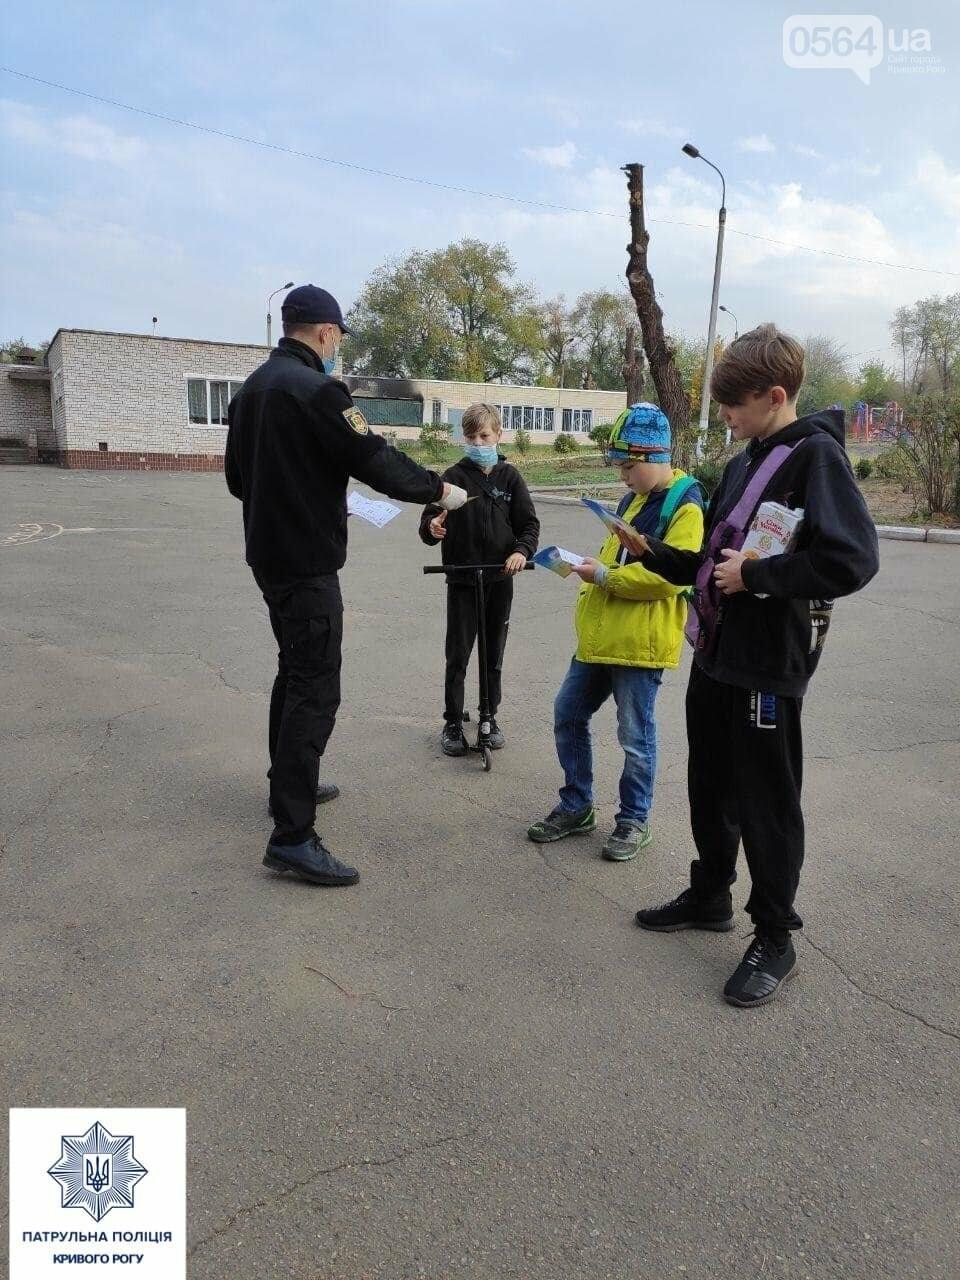 Патрульные беседами пытаются добиться от криворожан выполнение карантинных требований, - ФОТО, фото-4